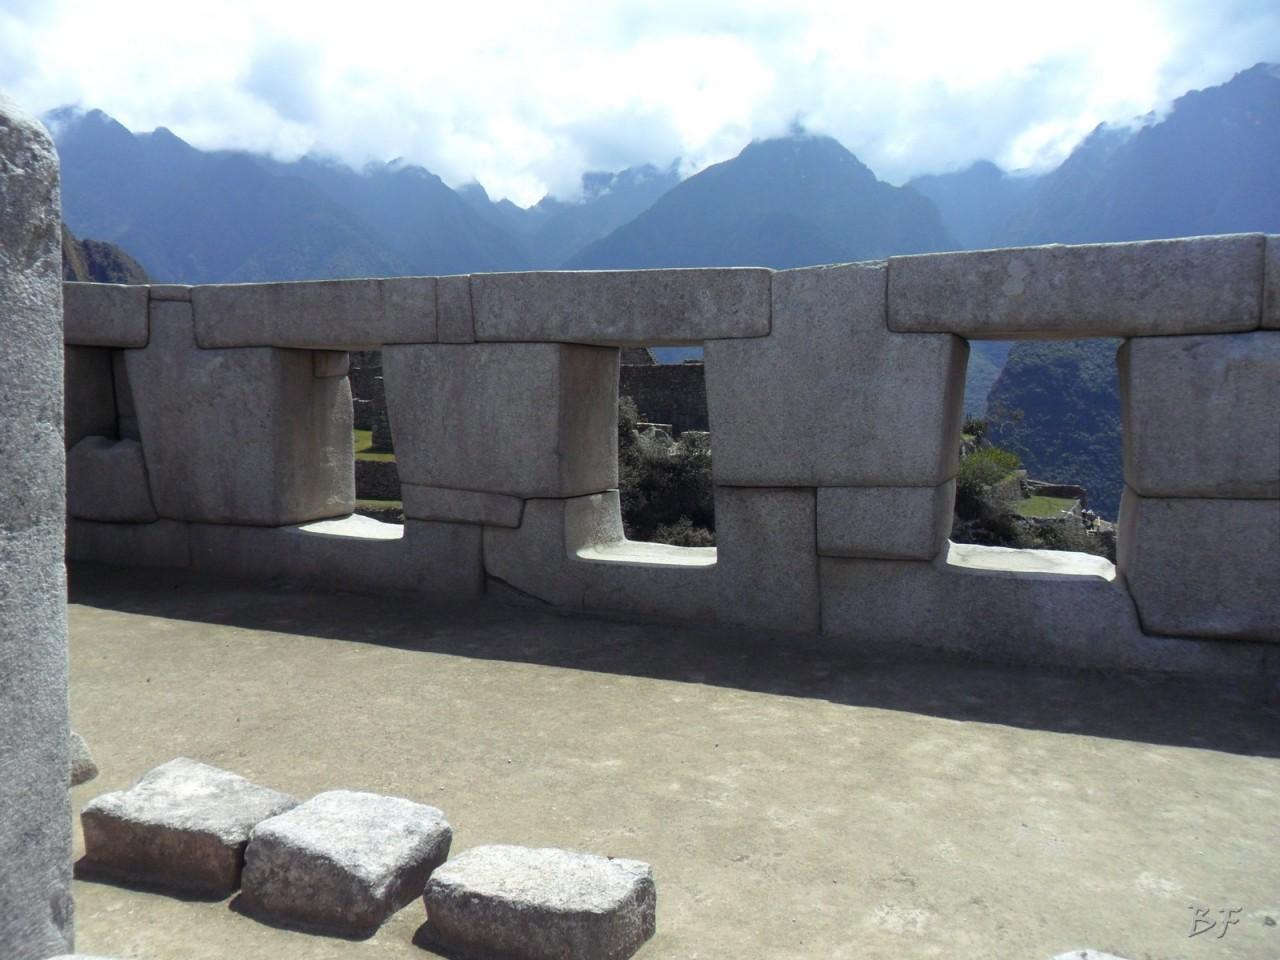 Mura-Poligonali-Incisioni-Altari-Edifici-Rupestri-Megaliti-Machu-Picchu-Aguas-Calientes-Urubamba-Cusco-Perù-58